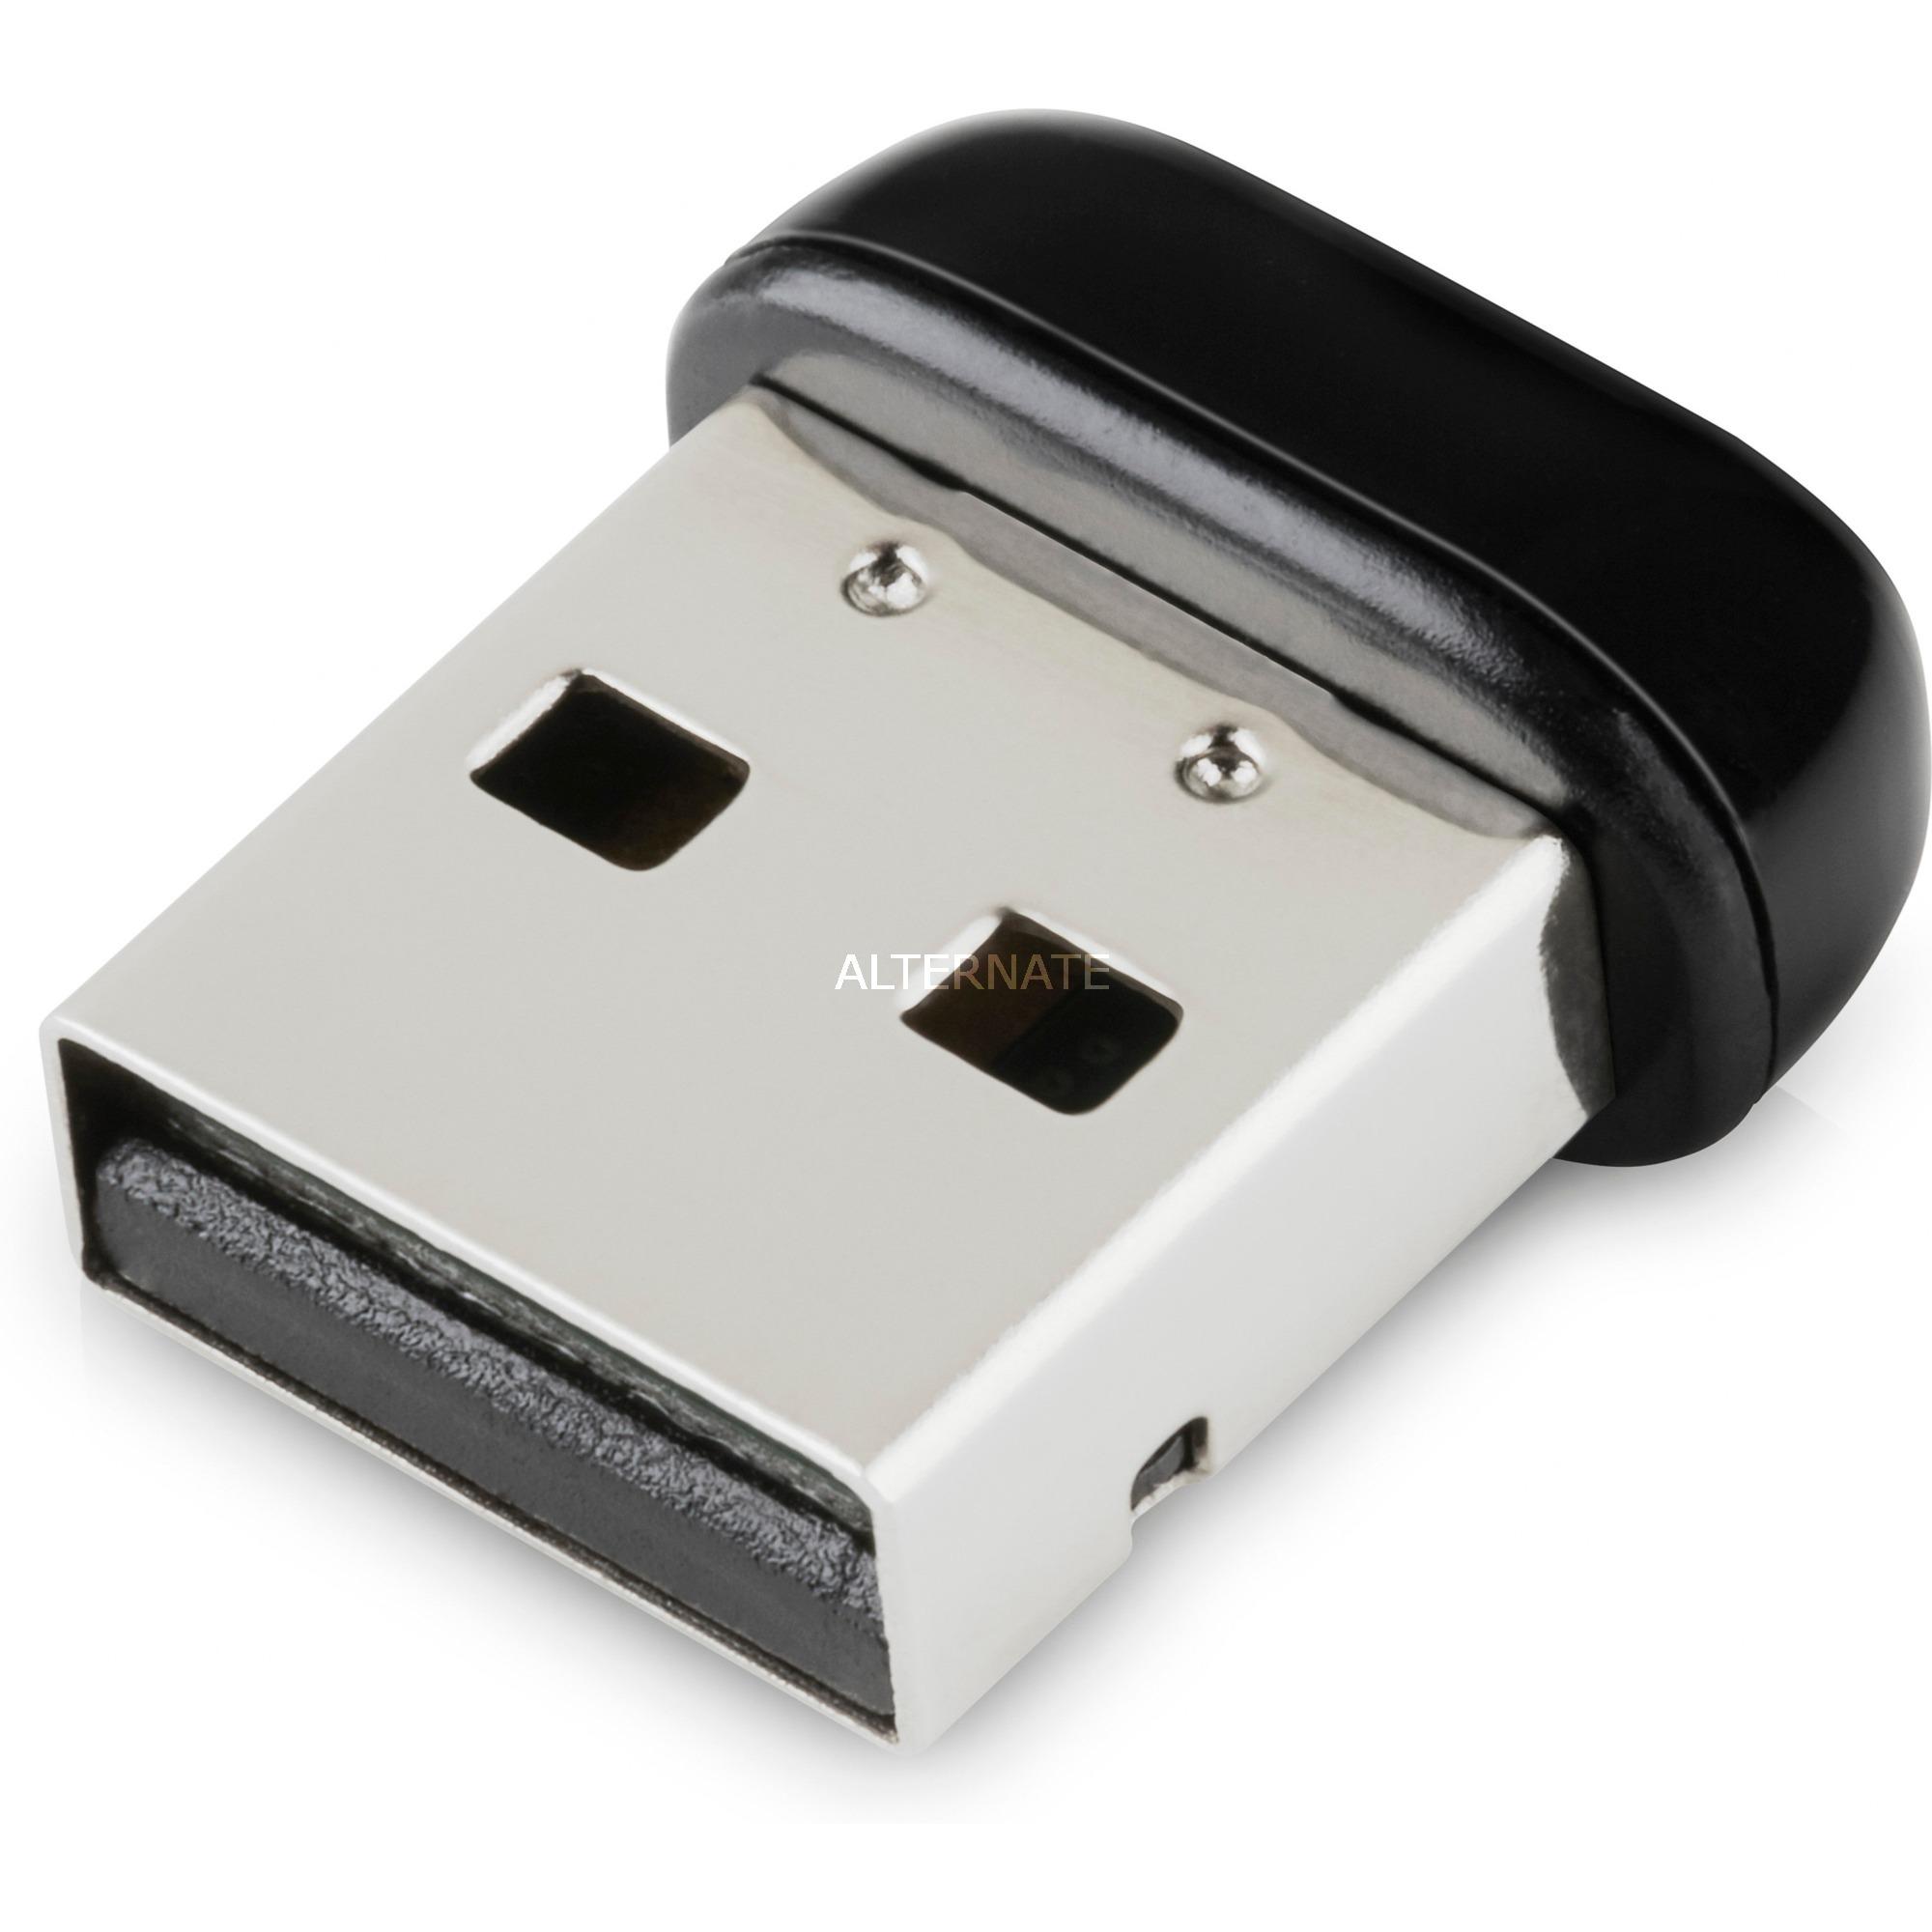 Accesorio adaptador inalámbrico ScanJet 100, Adaptador Wi-Fi